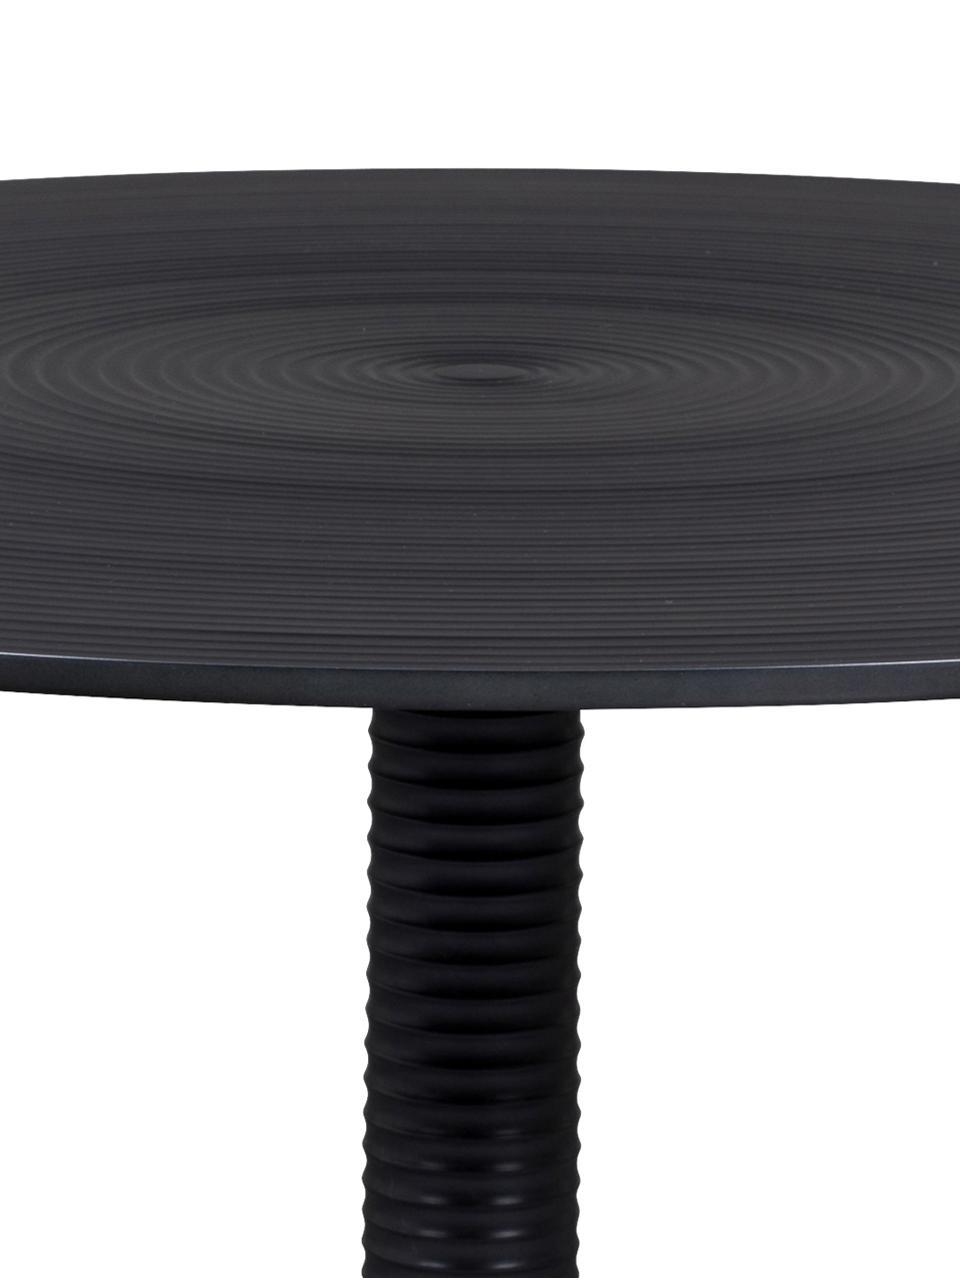 Runder Couchtisch Hypnotising in Schwarz, Aluminium, lackiert, Schwarz, Ø 77 x H 40 cm